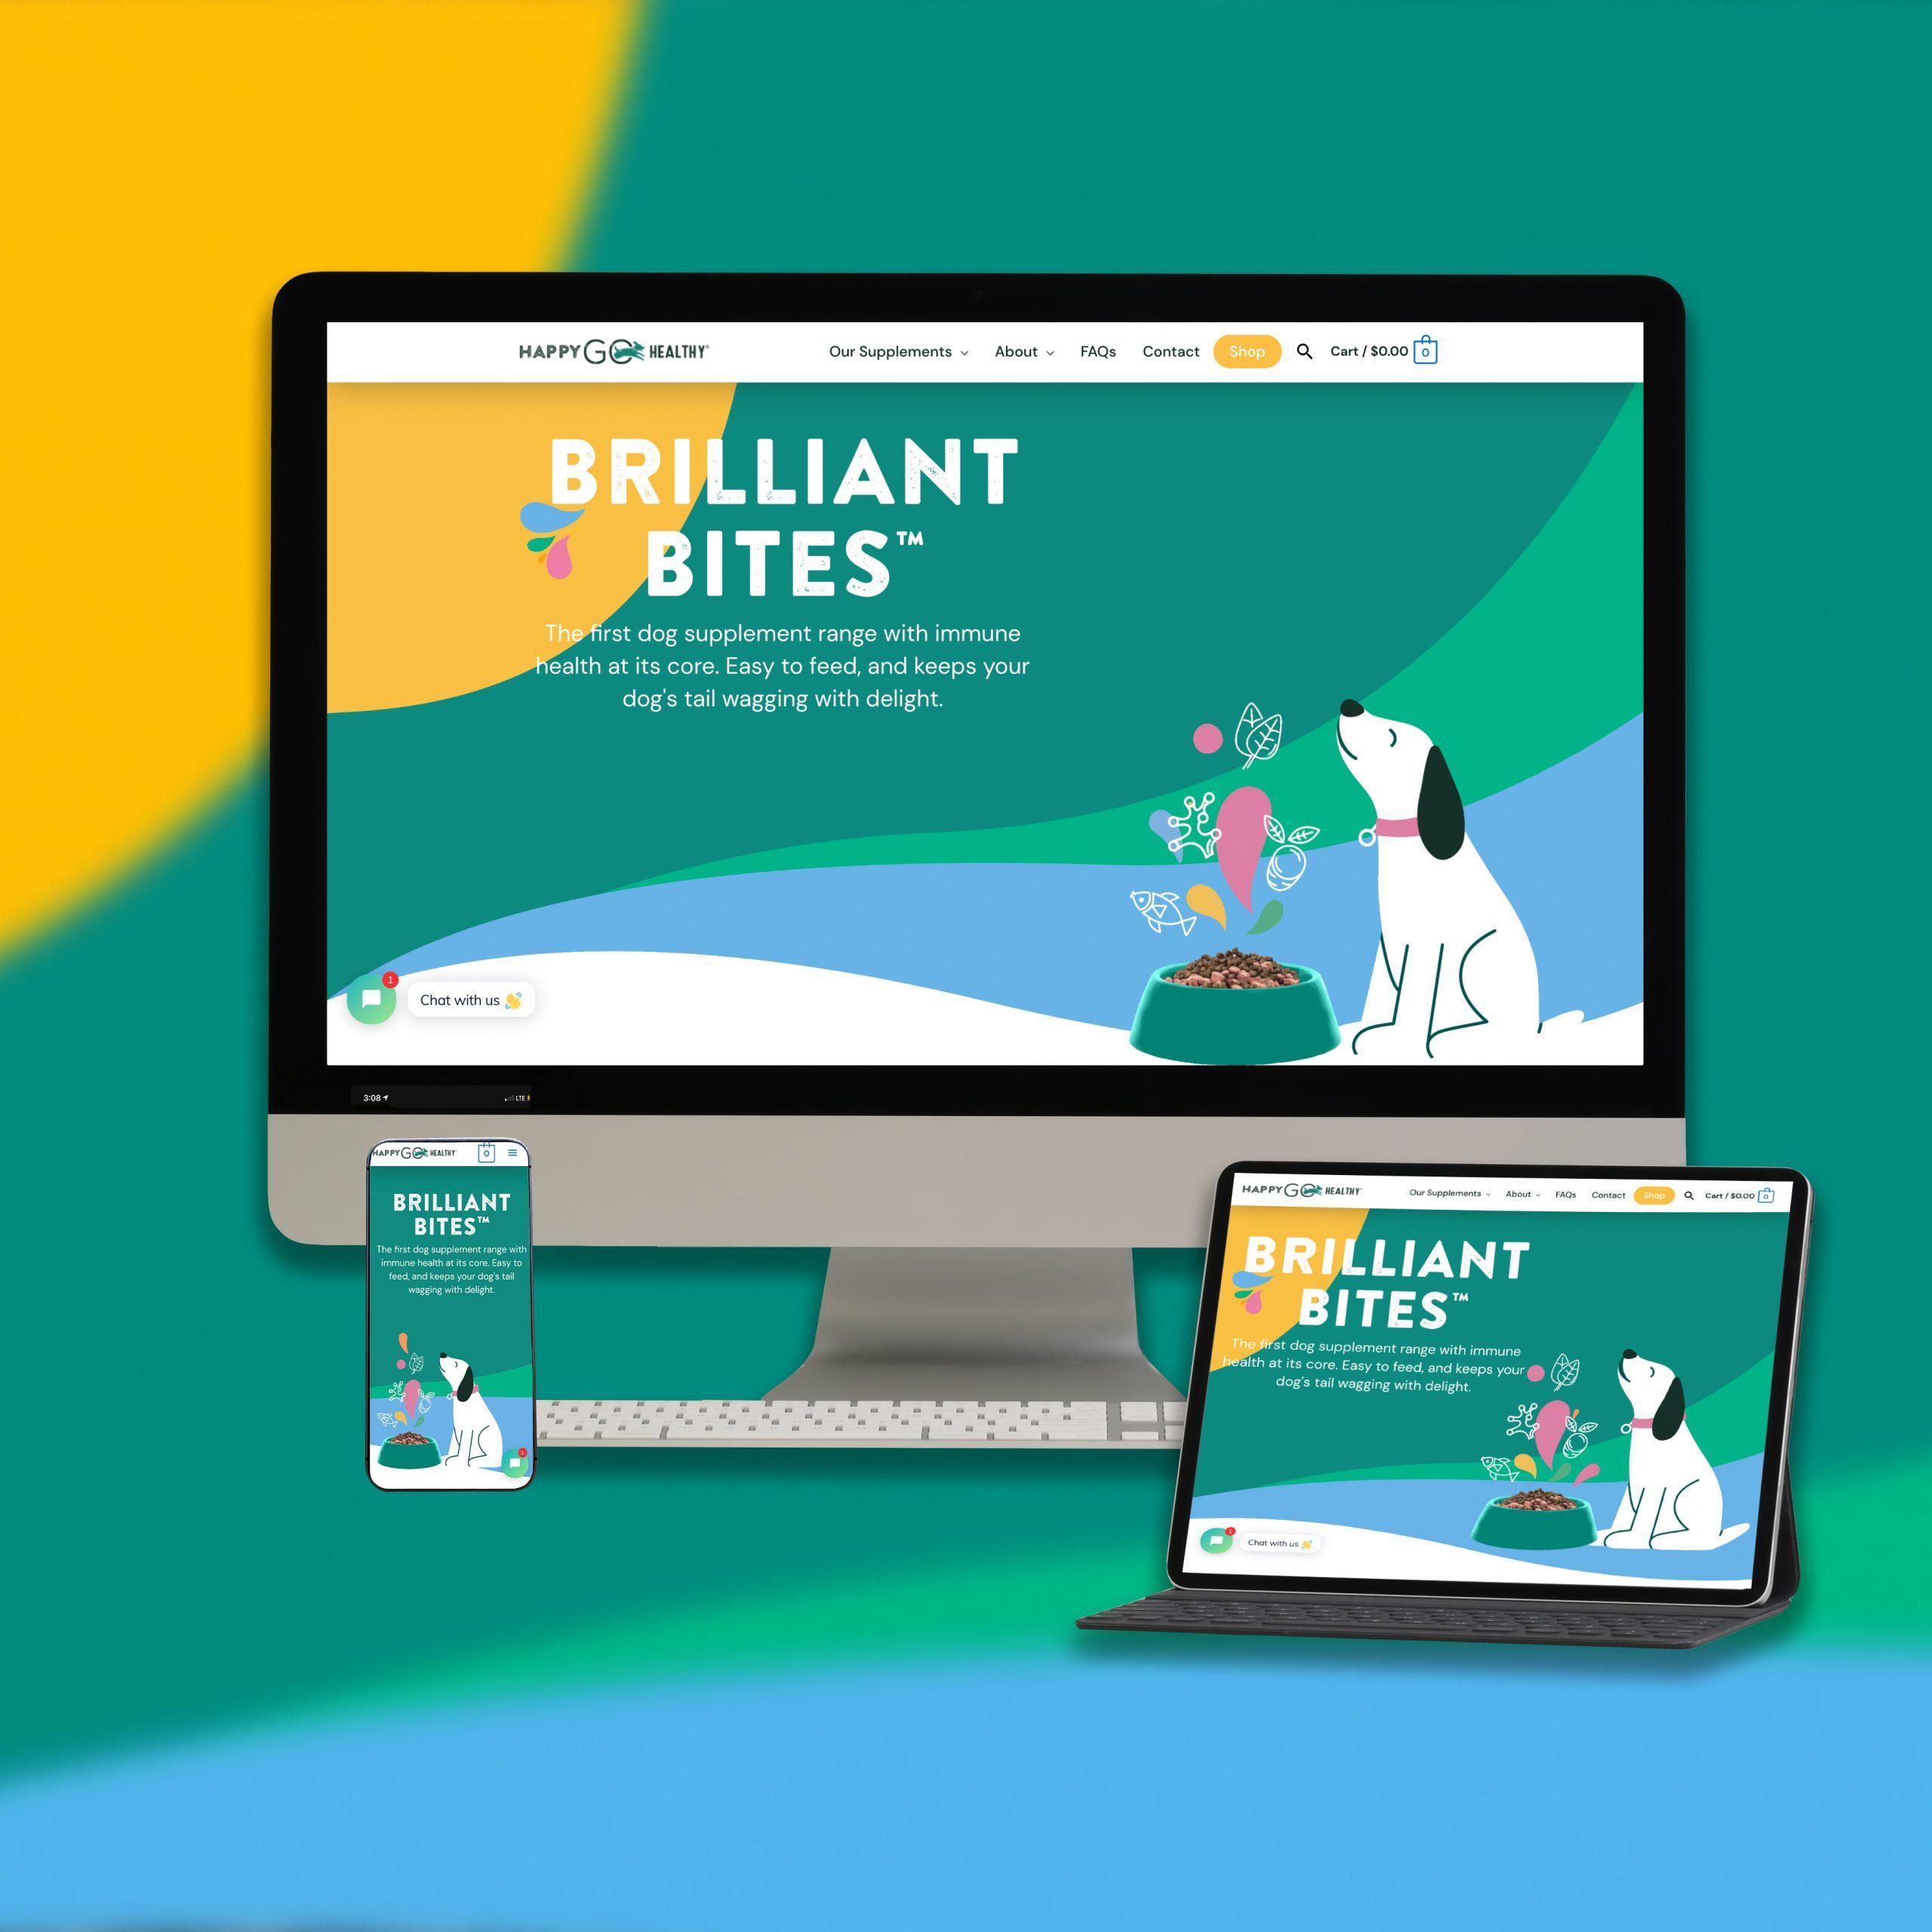 Happy Go Healthy Site Design